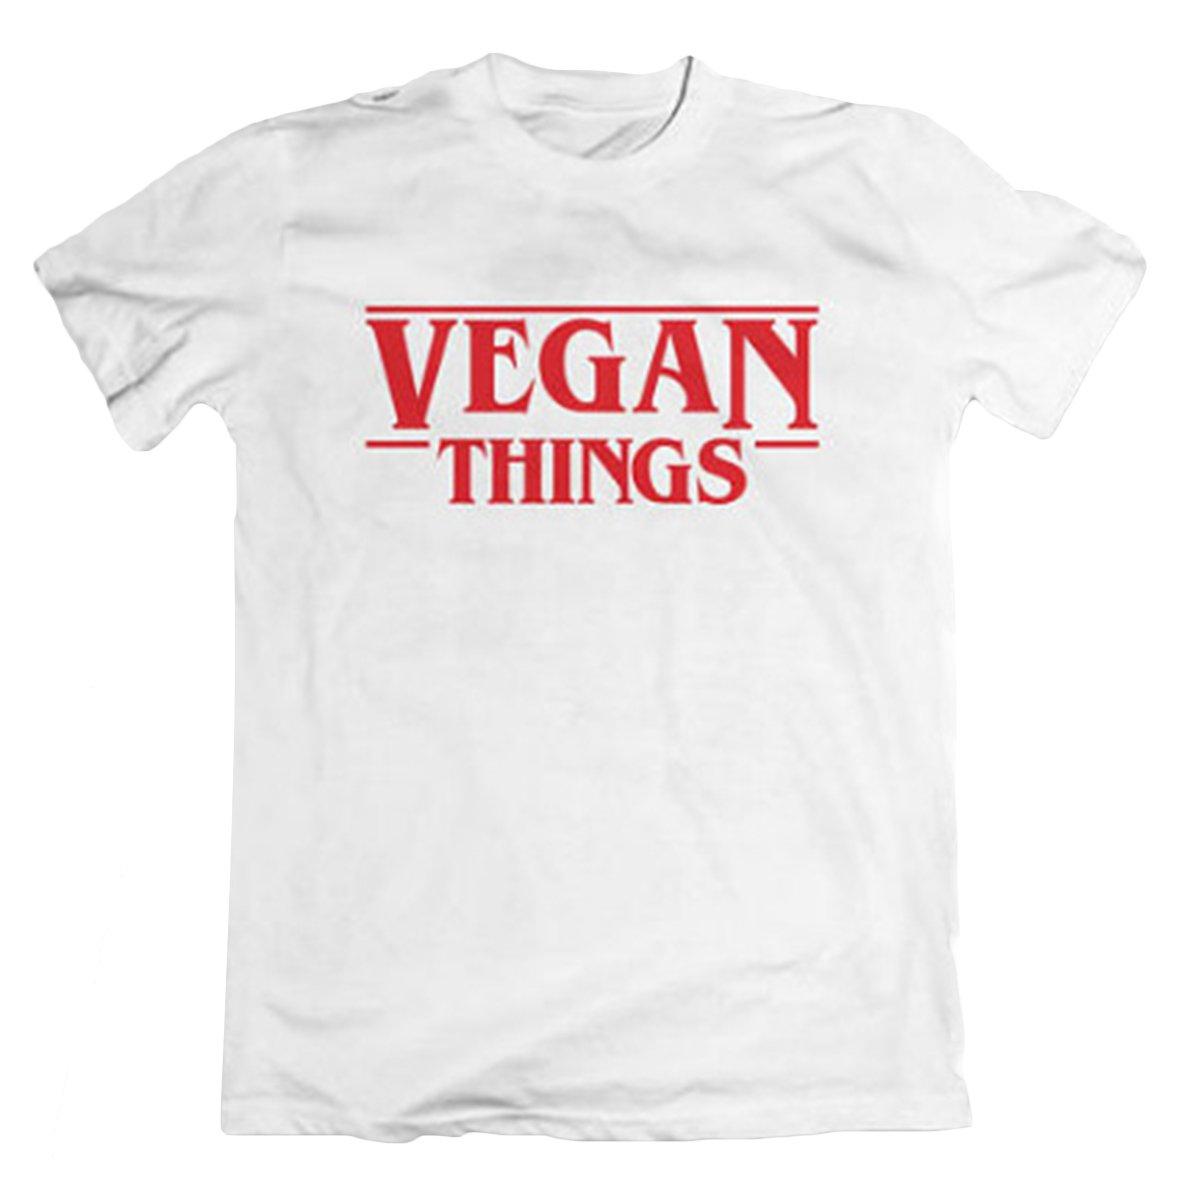 Mtydudxe New Las Camisetas de Las Cosas Veganas de Las Mujeres Ponen Letras a Las Camisas vegetarianas Camisetas de Manga Corta: Amazon.es: Ropa y ...